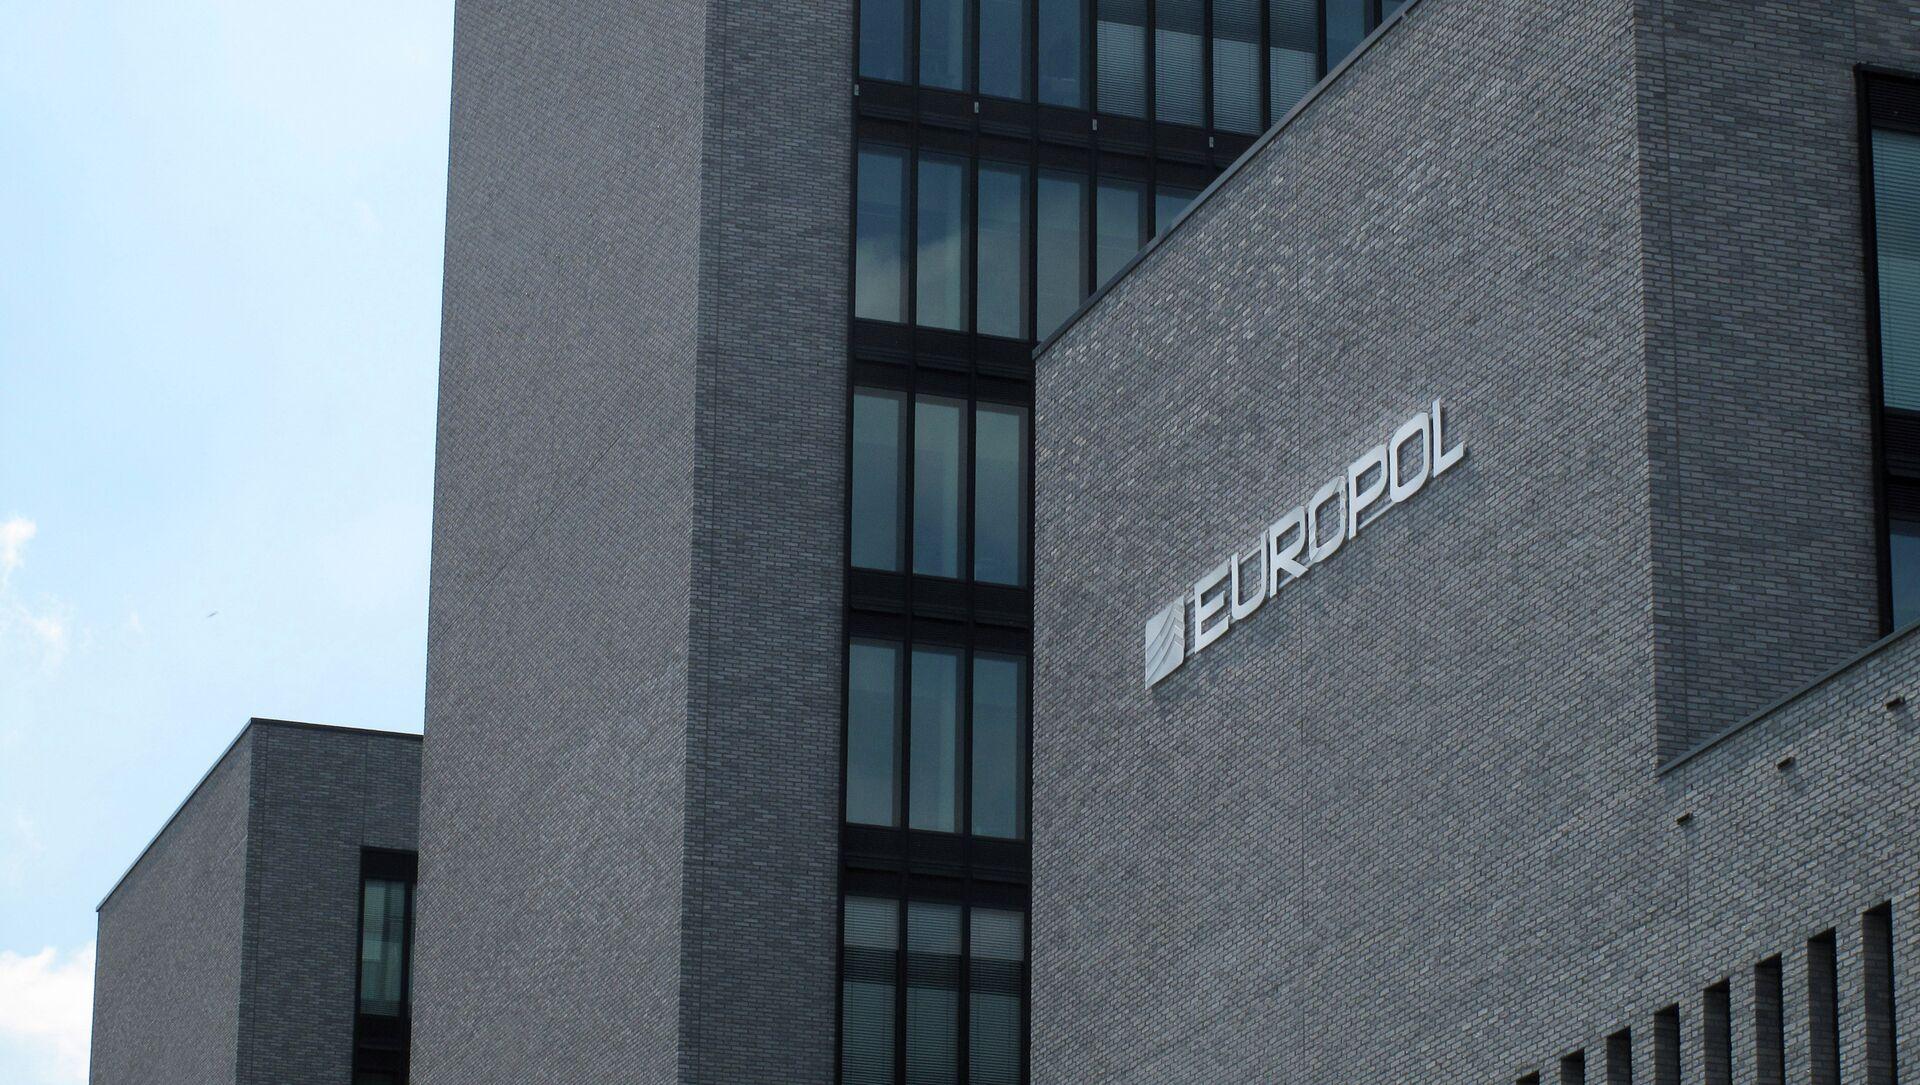 La sede del Europol - Sputnik Italia, 1920, 19.04.2021